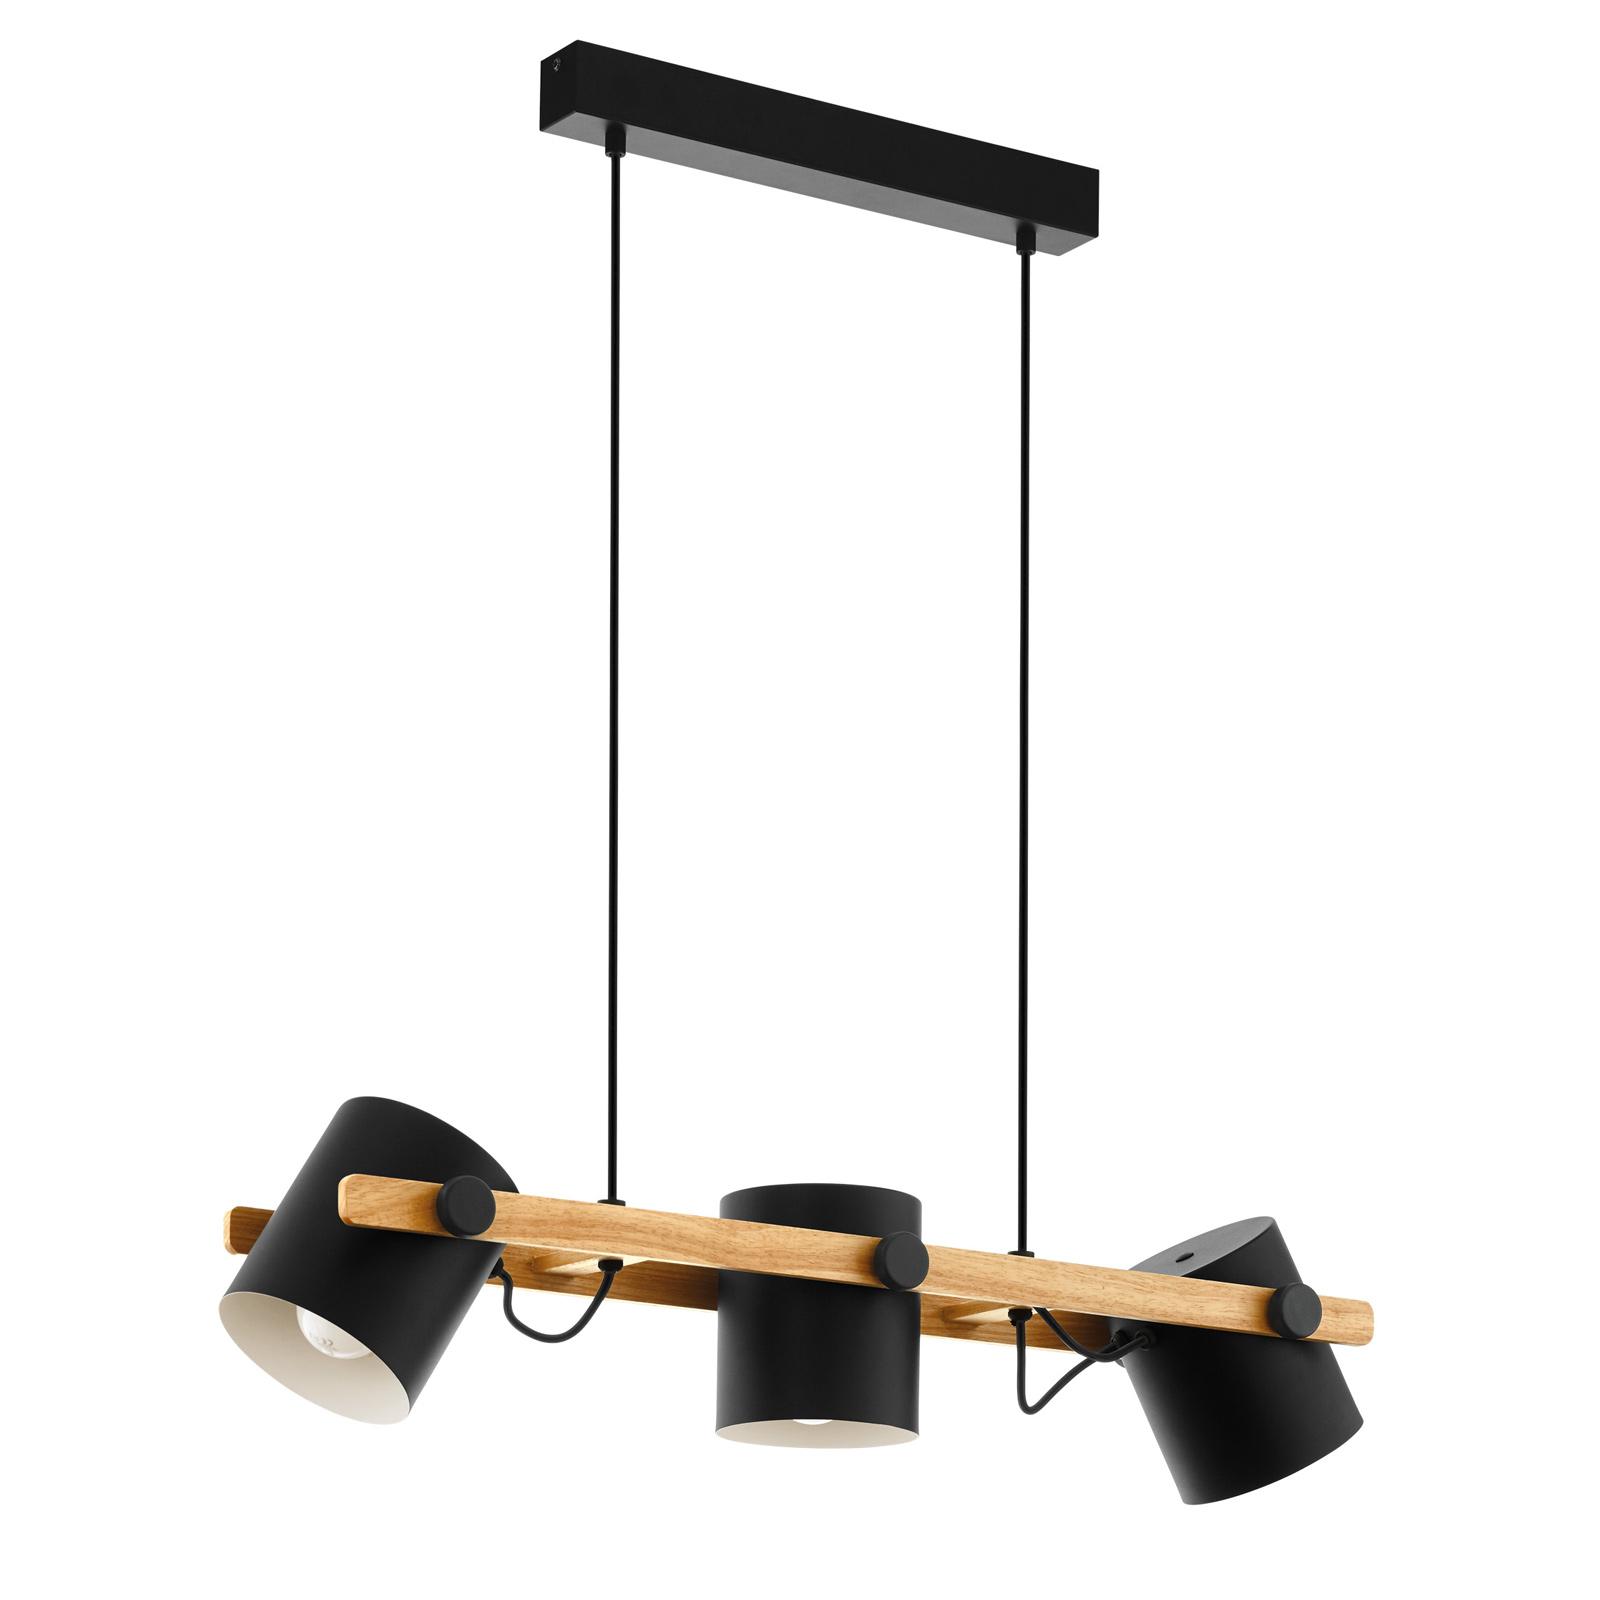 Lampa wisząca Hornwood z detalami drewnianymi